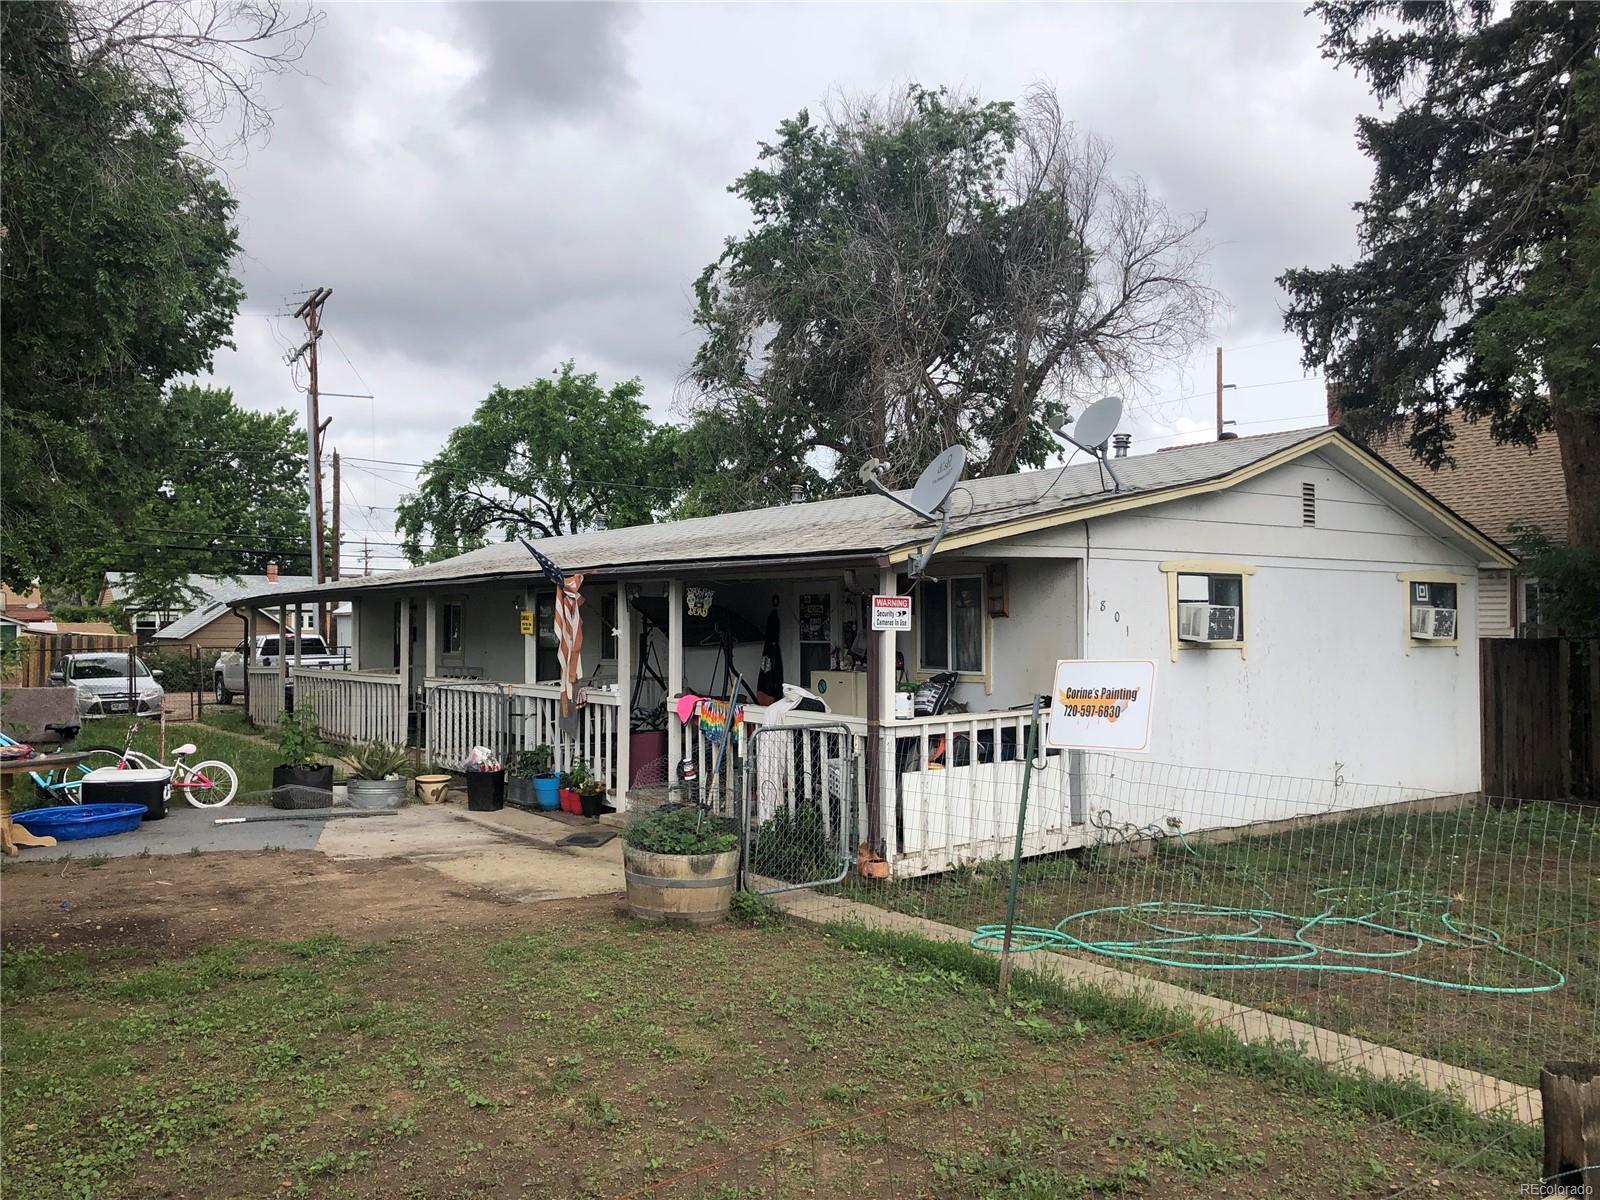 801 Denver Avenue, Fort Lupton, CO 80621 - Fort Lupton, CO real estate listing